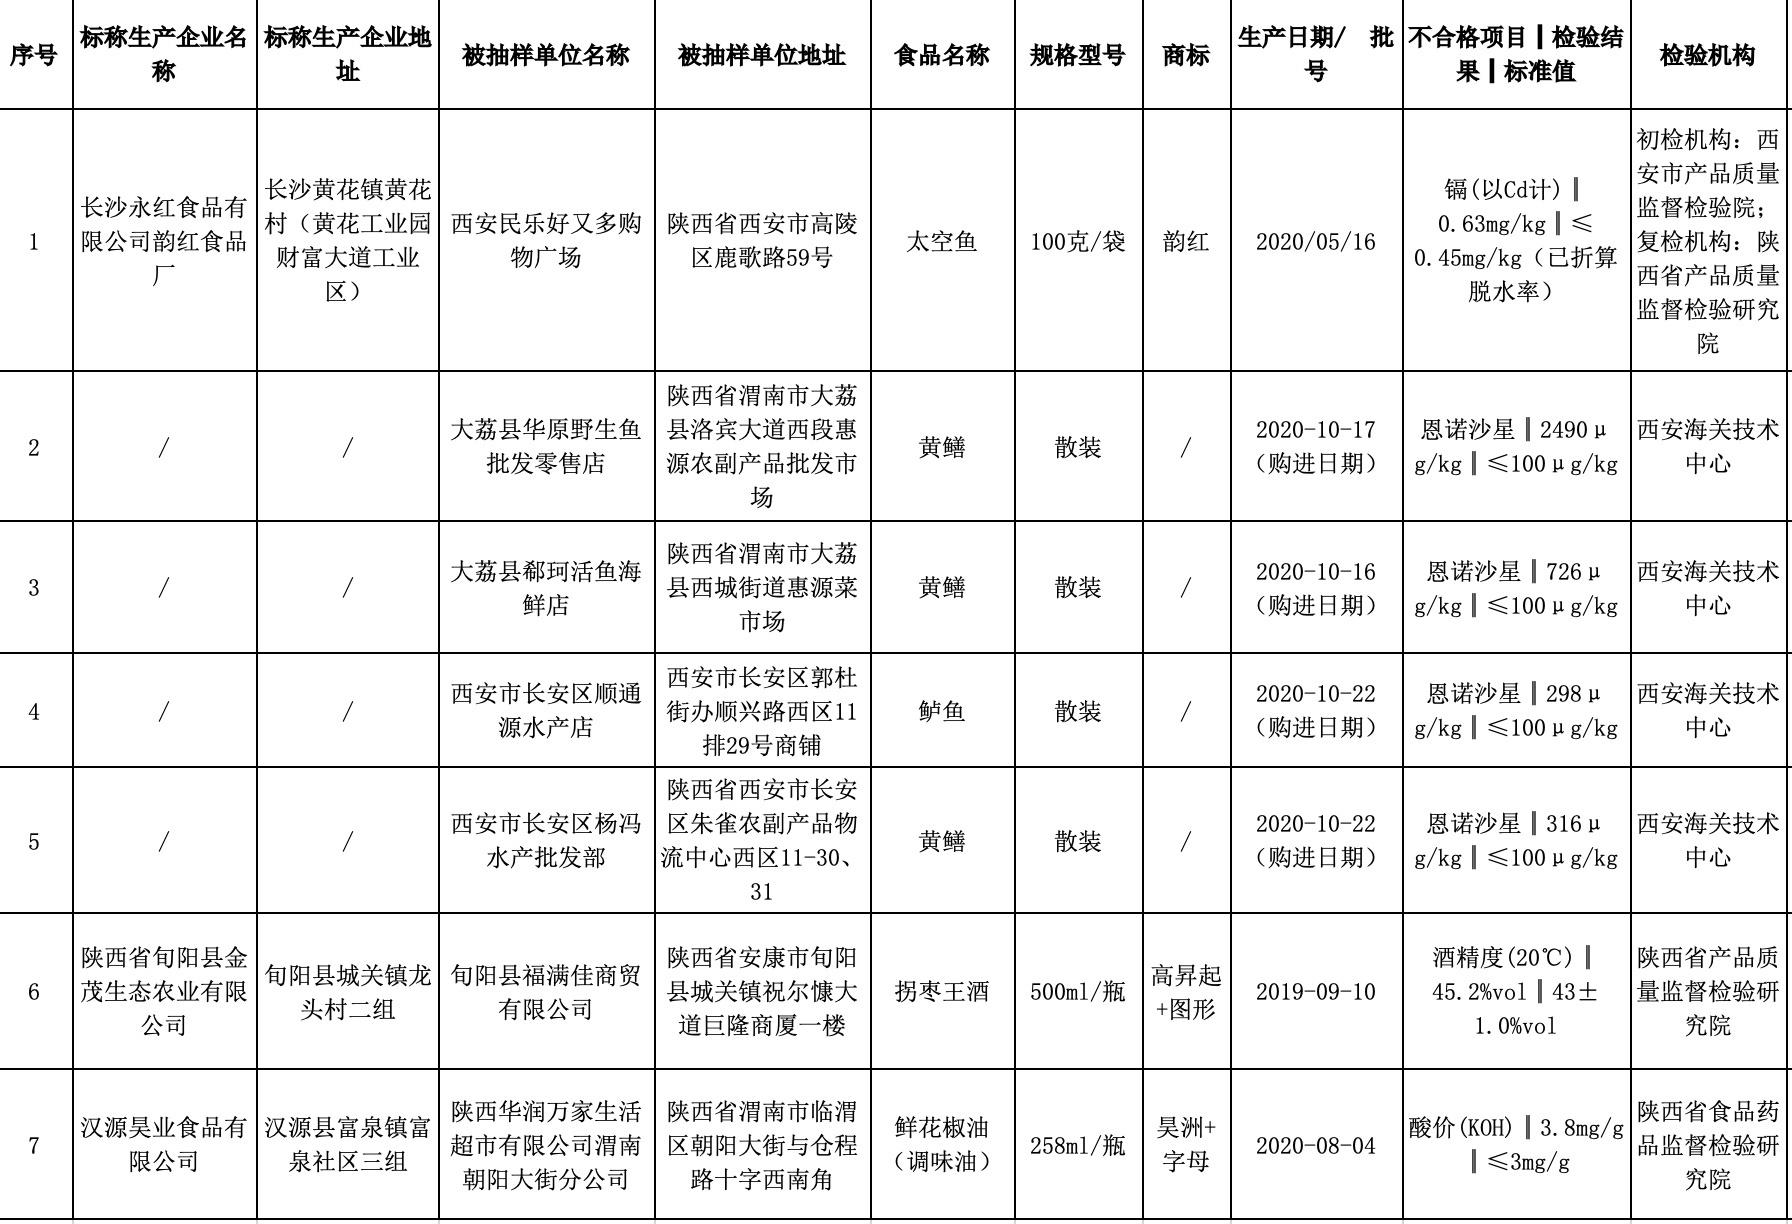 检出污染物超标、兽药超标、品质未达标多种问题 陕西7批次食品抽检不合格图片